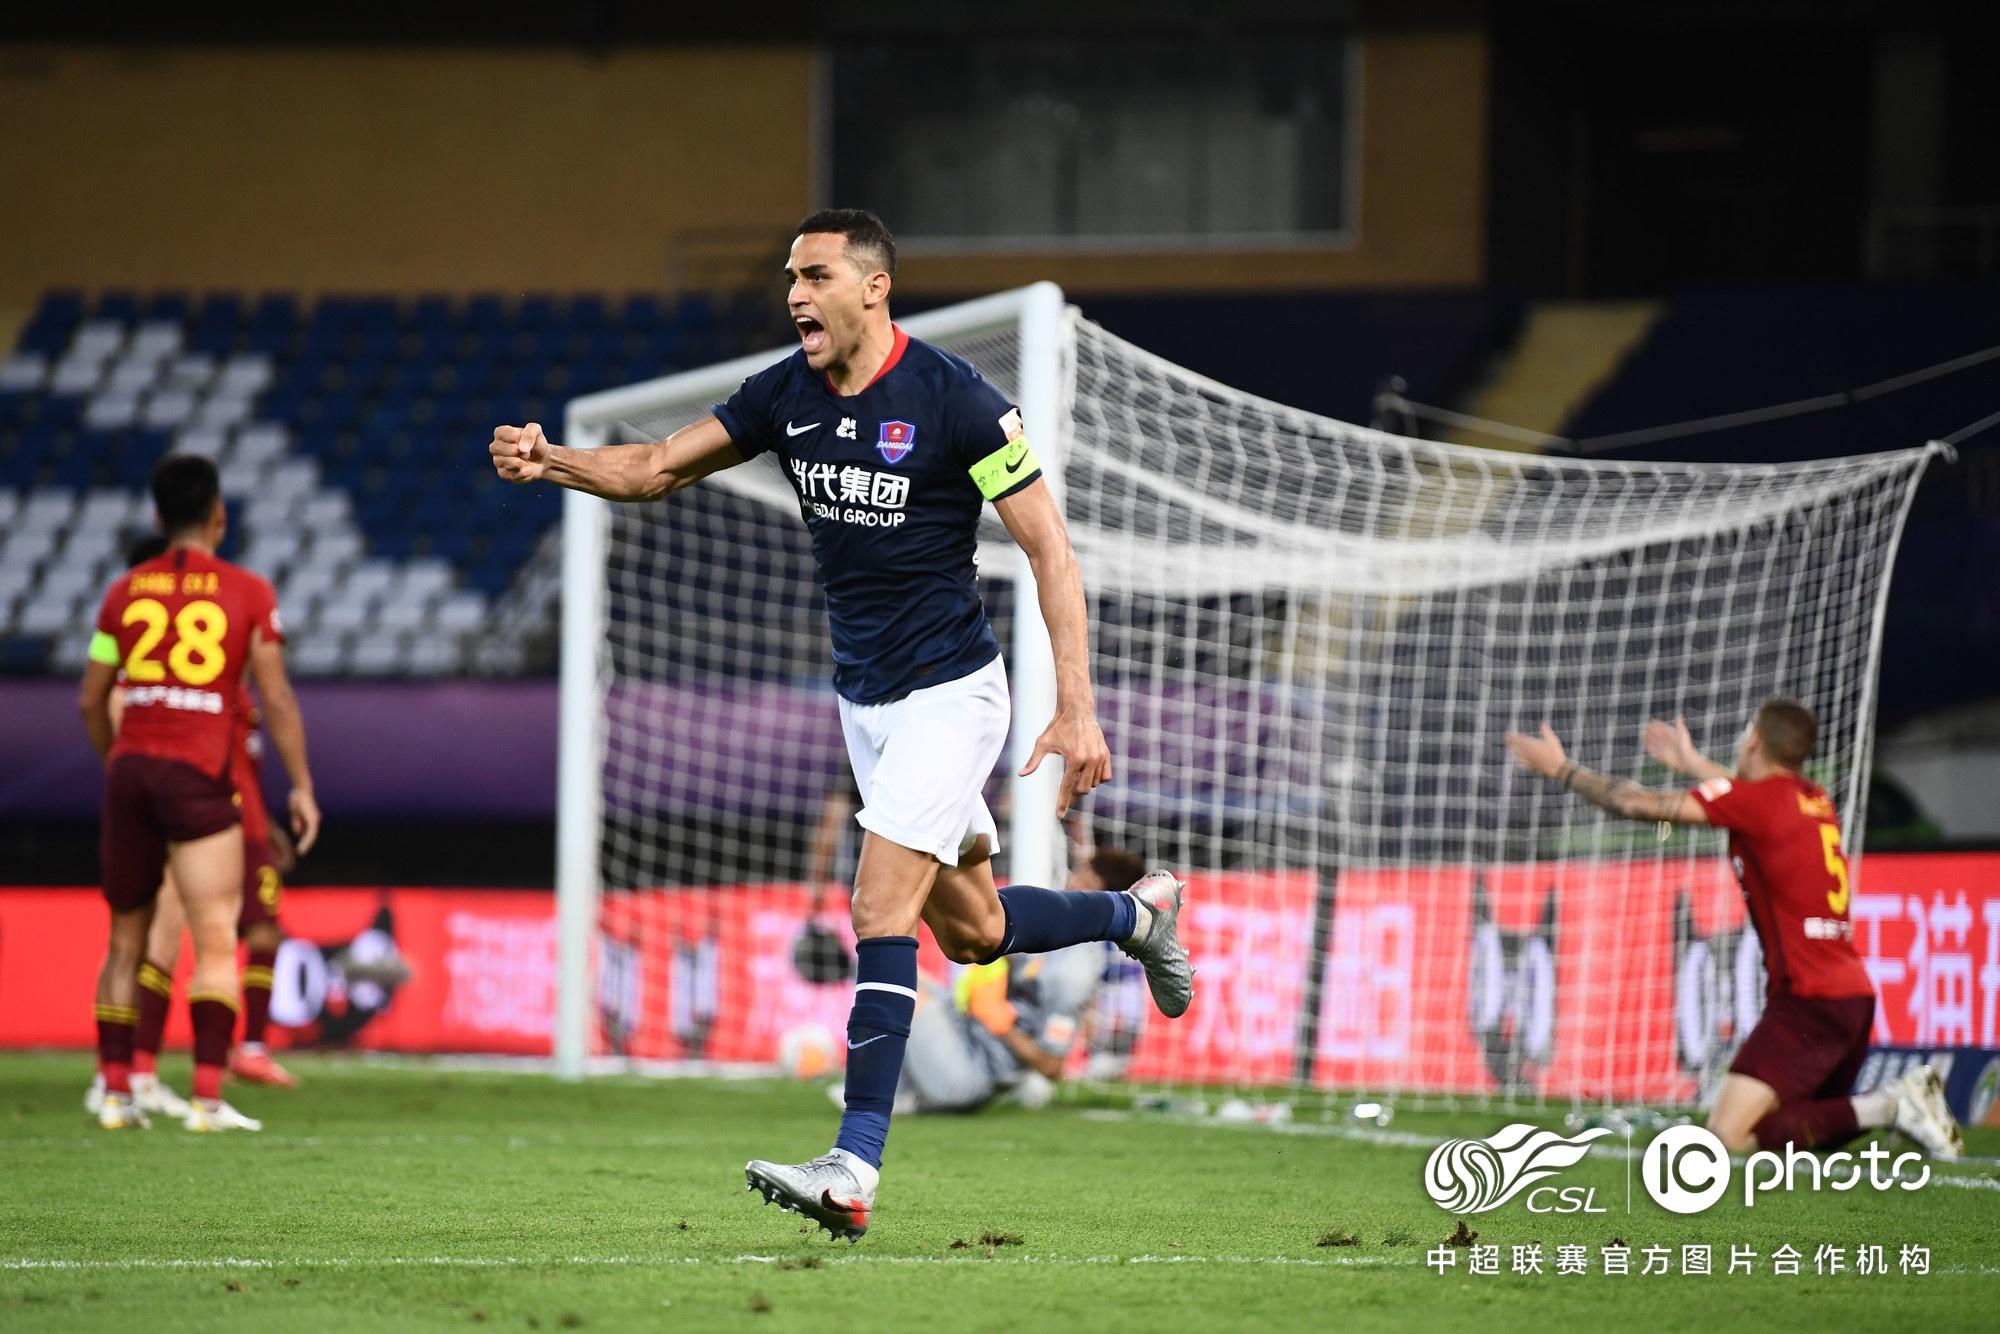 中超-高拉特破门卡尔德克连造2球 河北华夏幸福2-2重庆当代